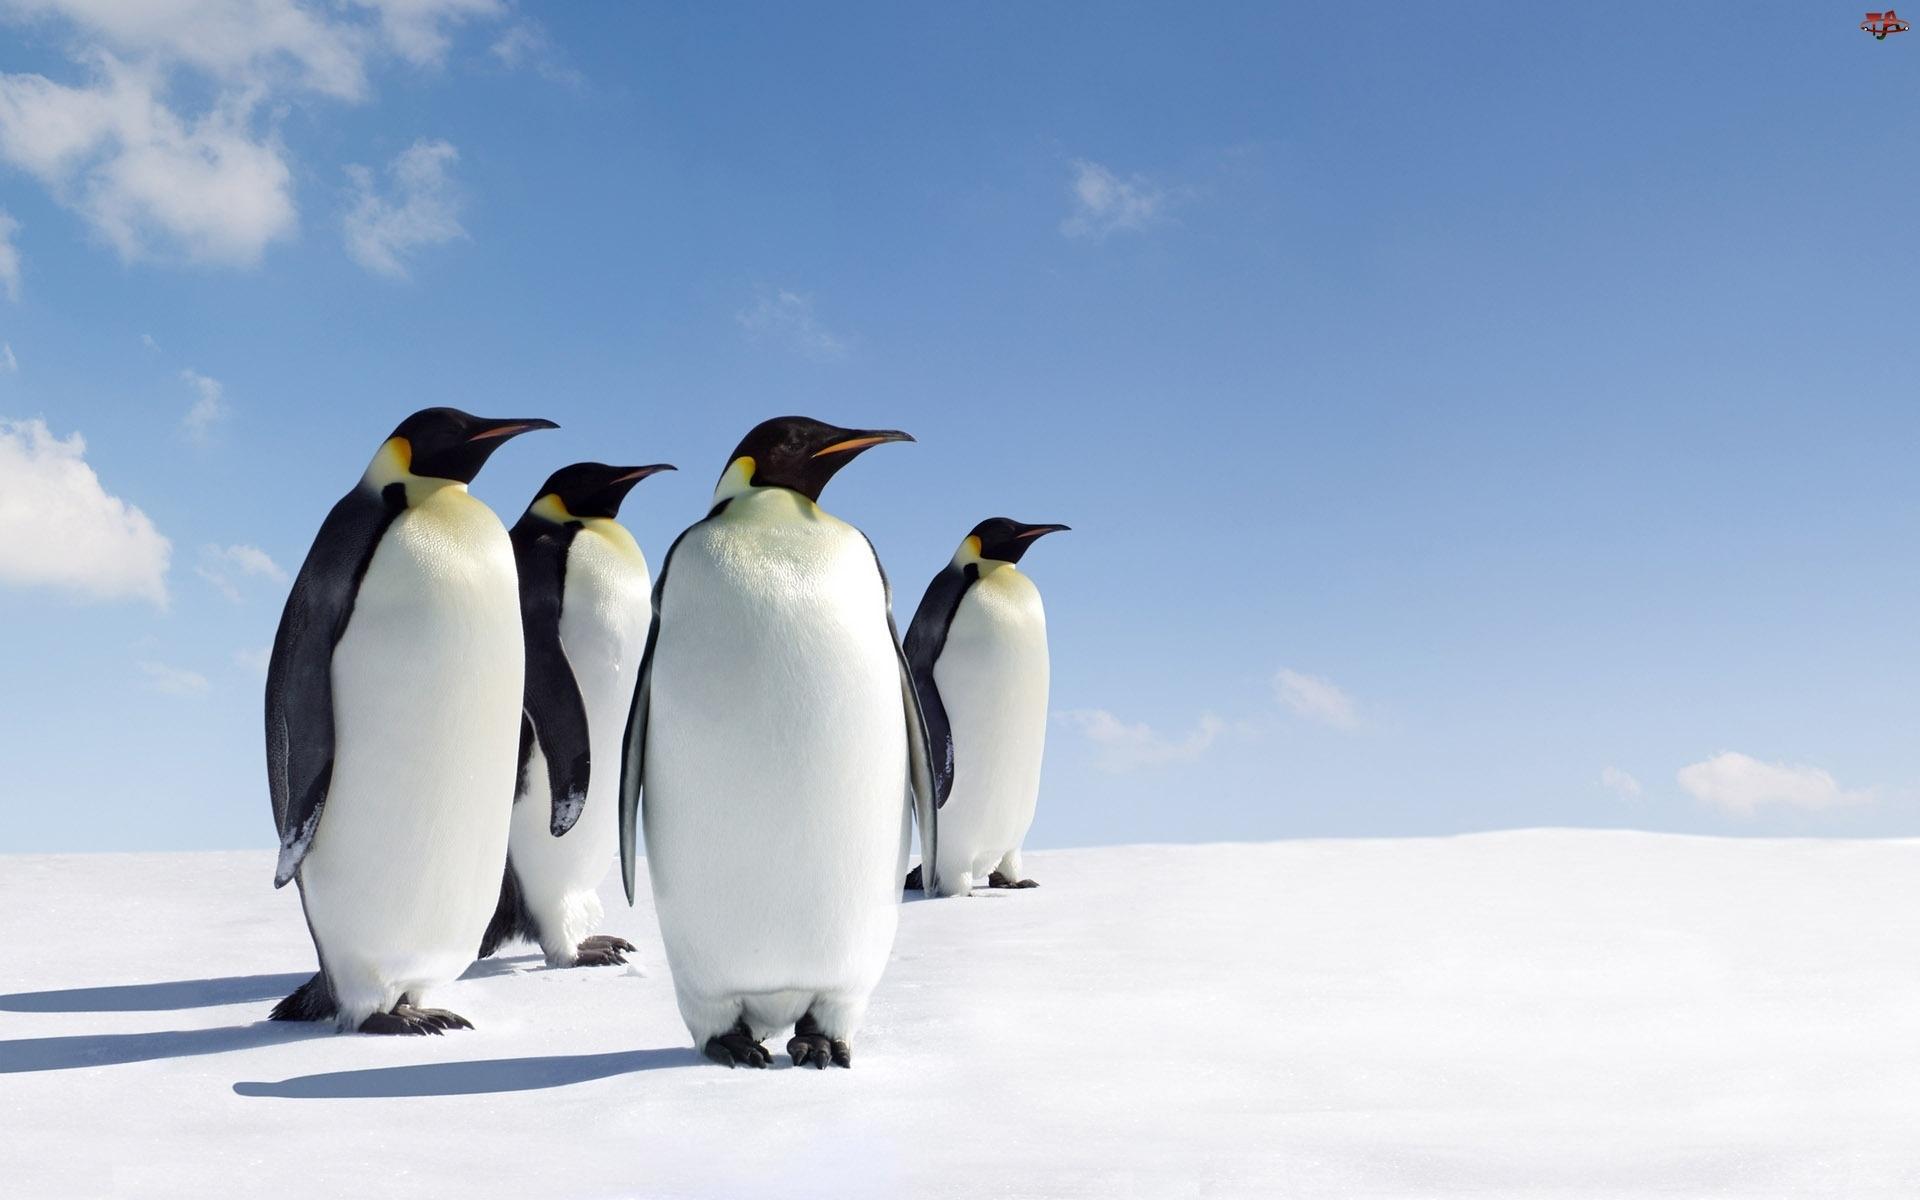 Śnieg, Pingwiny, Niebo